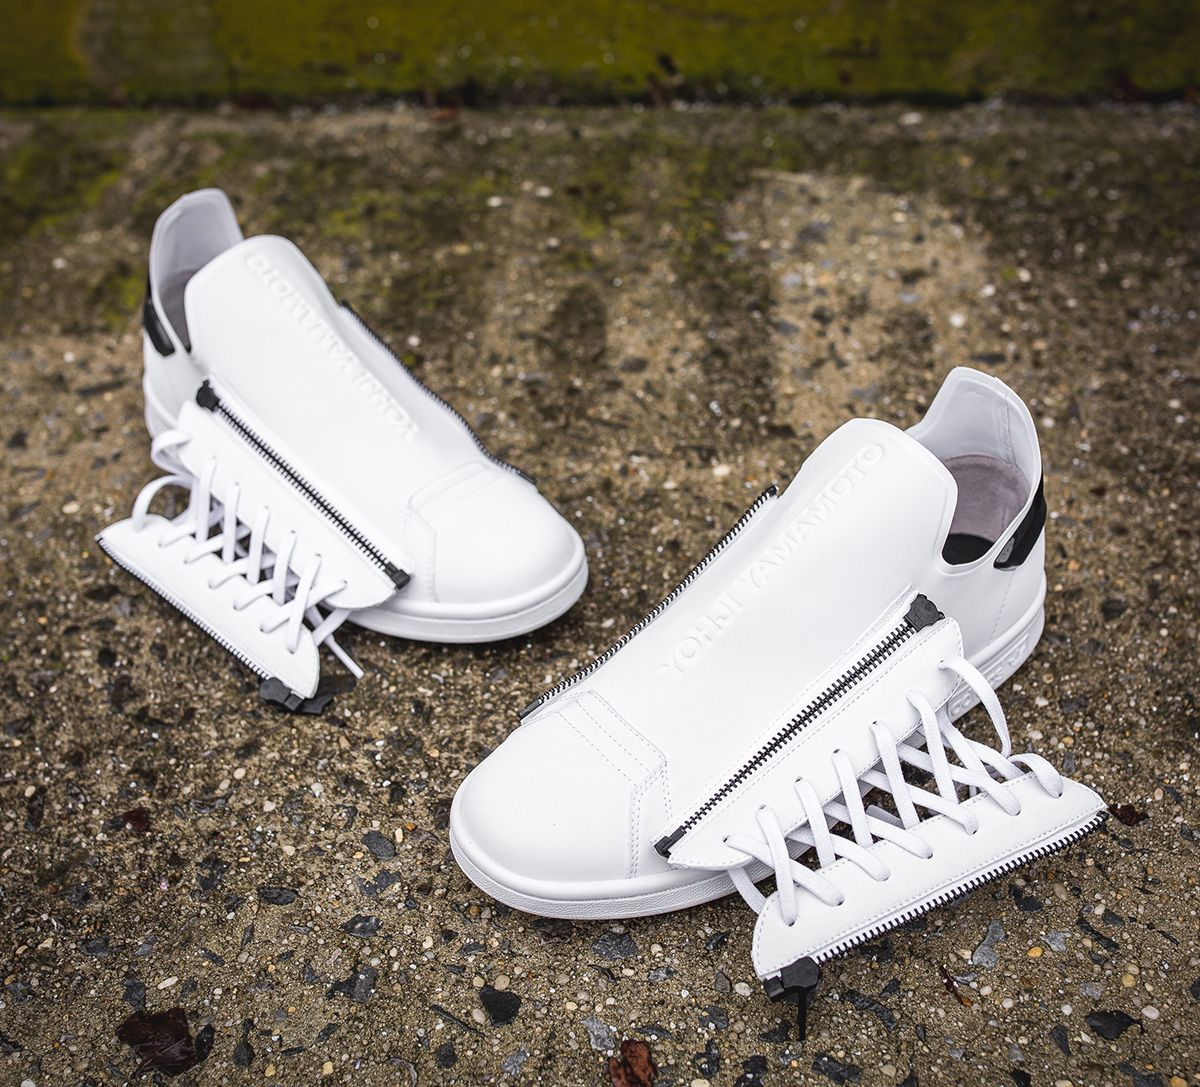 adidas Y-3 Remakes the Stan Smith | Diseños de zapatos ...